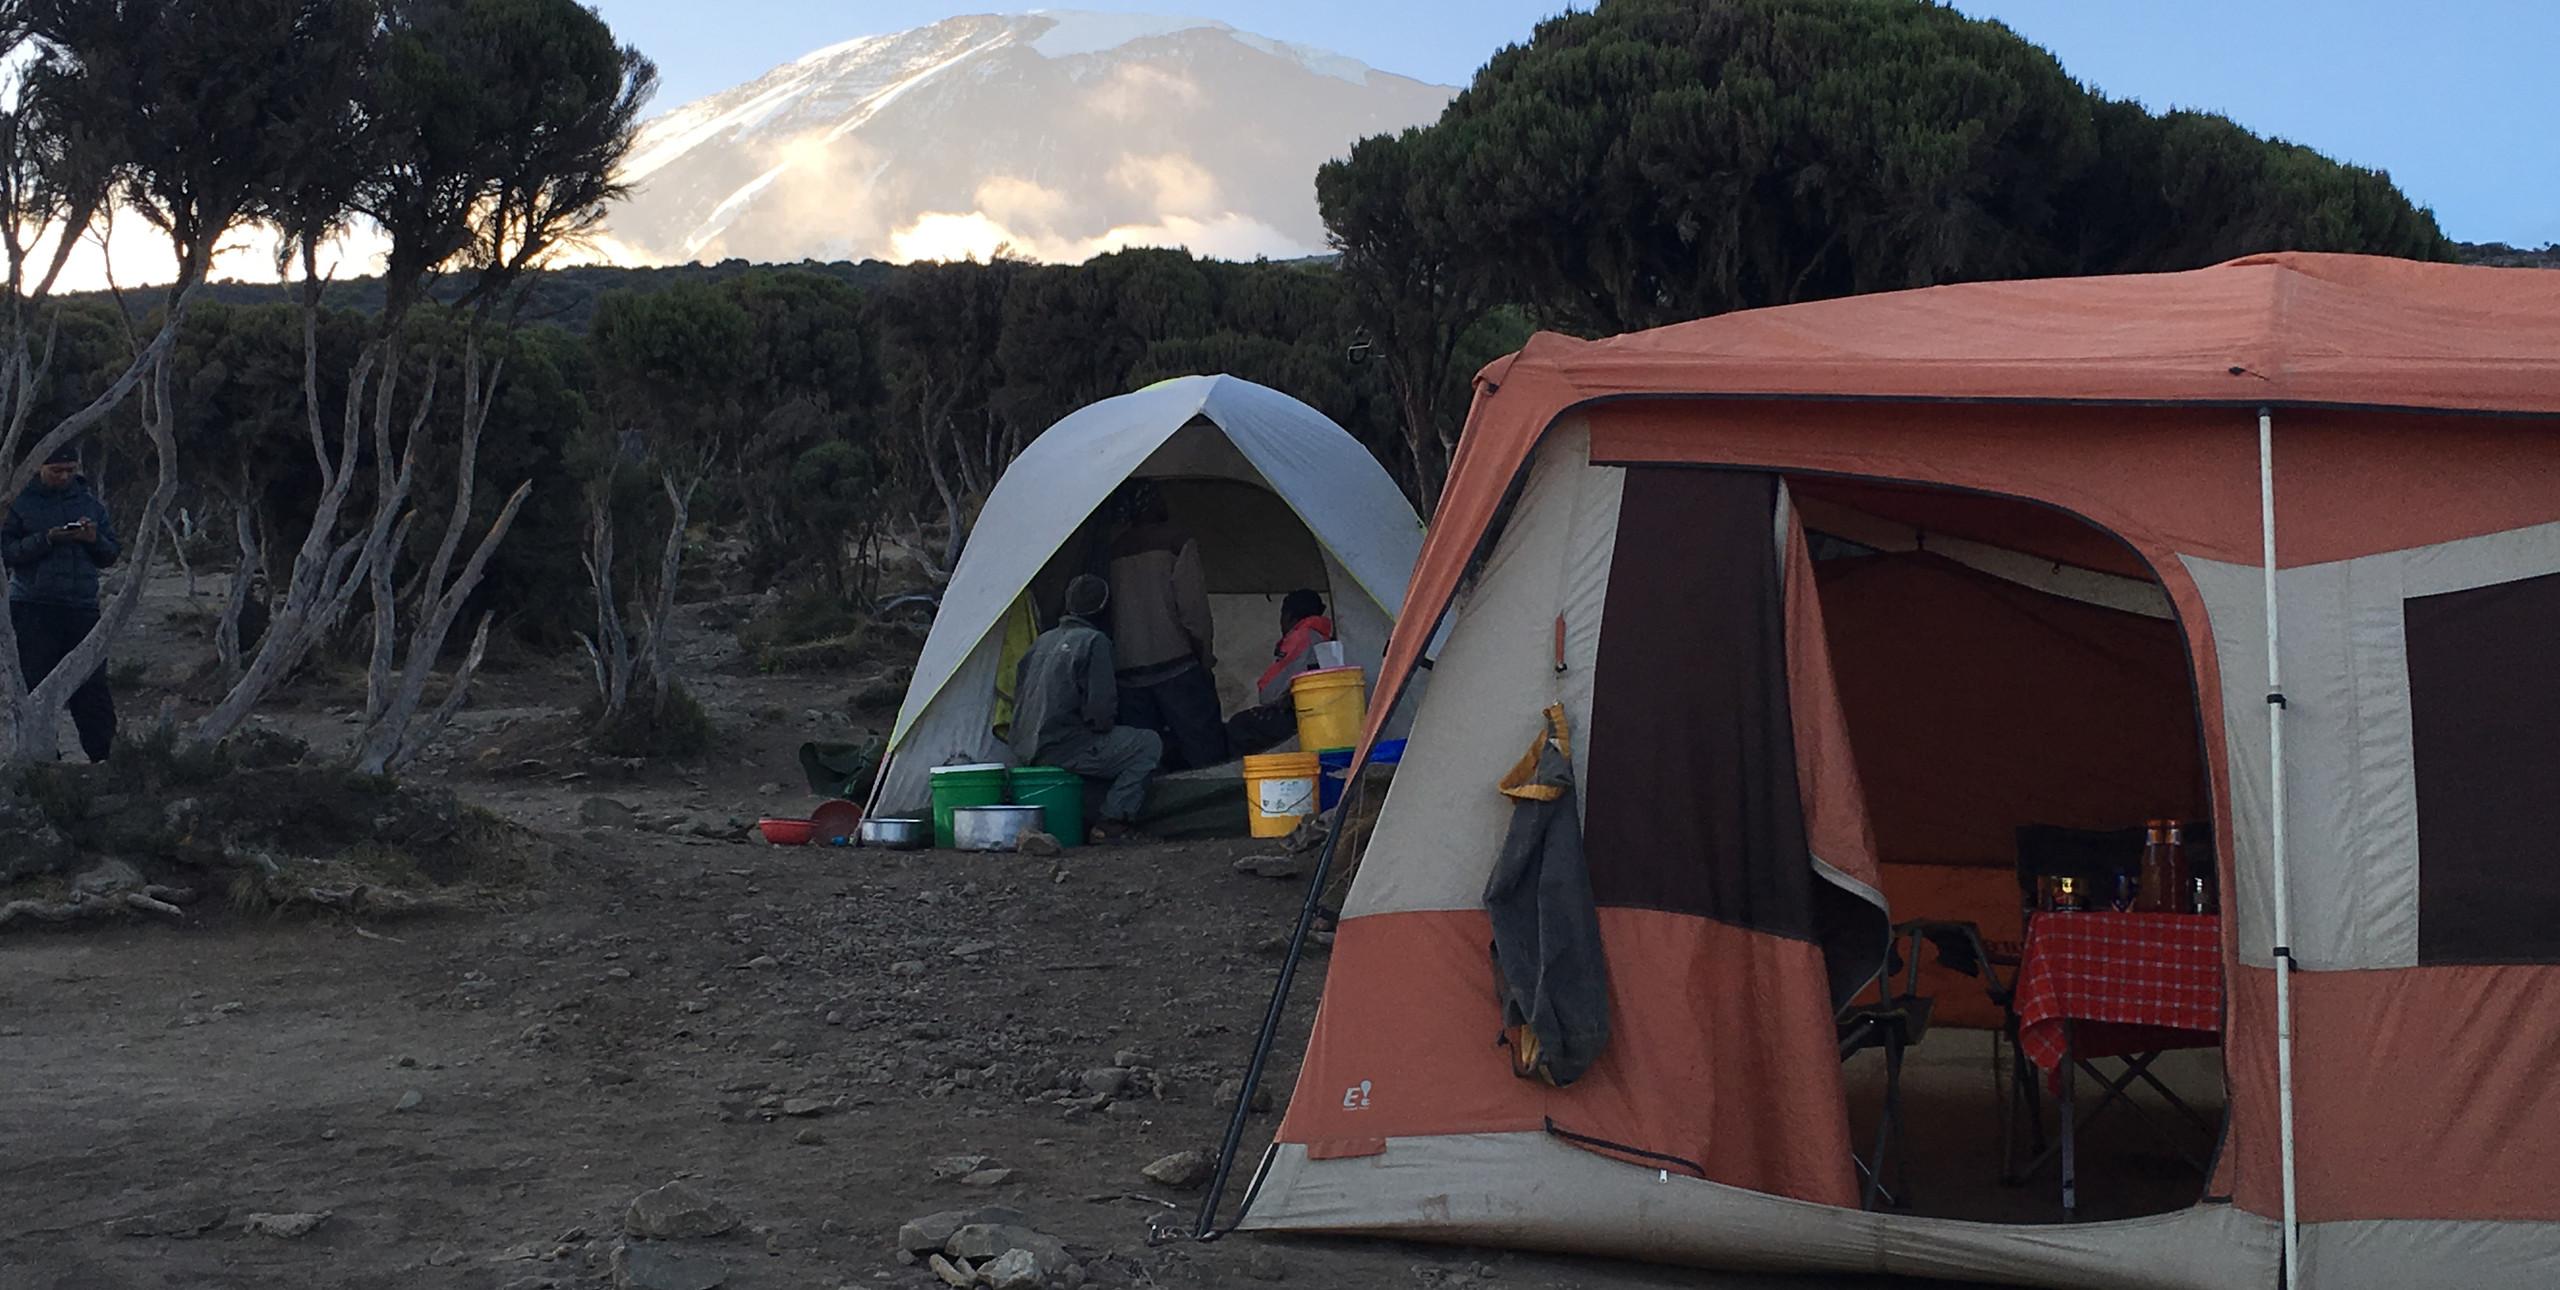 Впереди показался лагерь Миллениум — Millennium Camp (3,820 m)